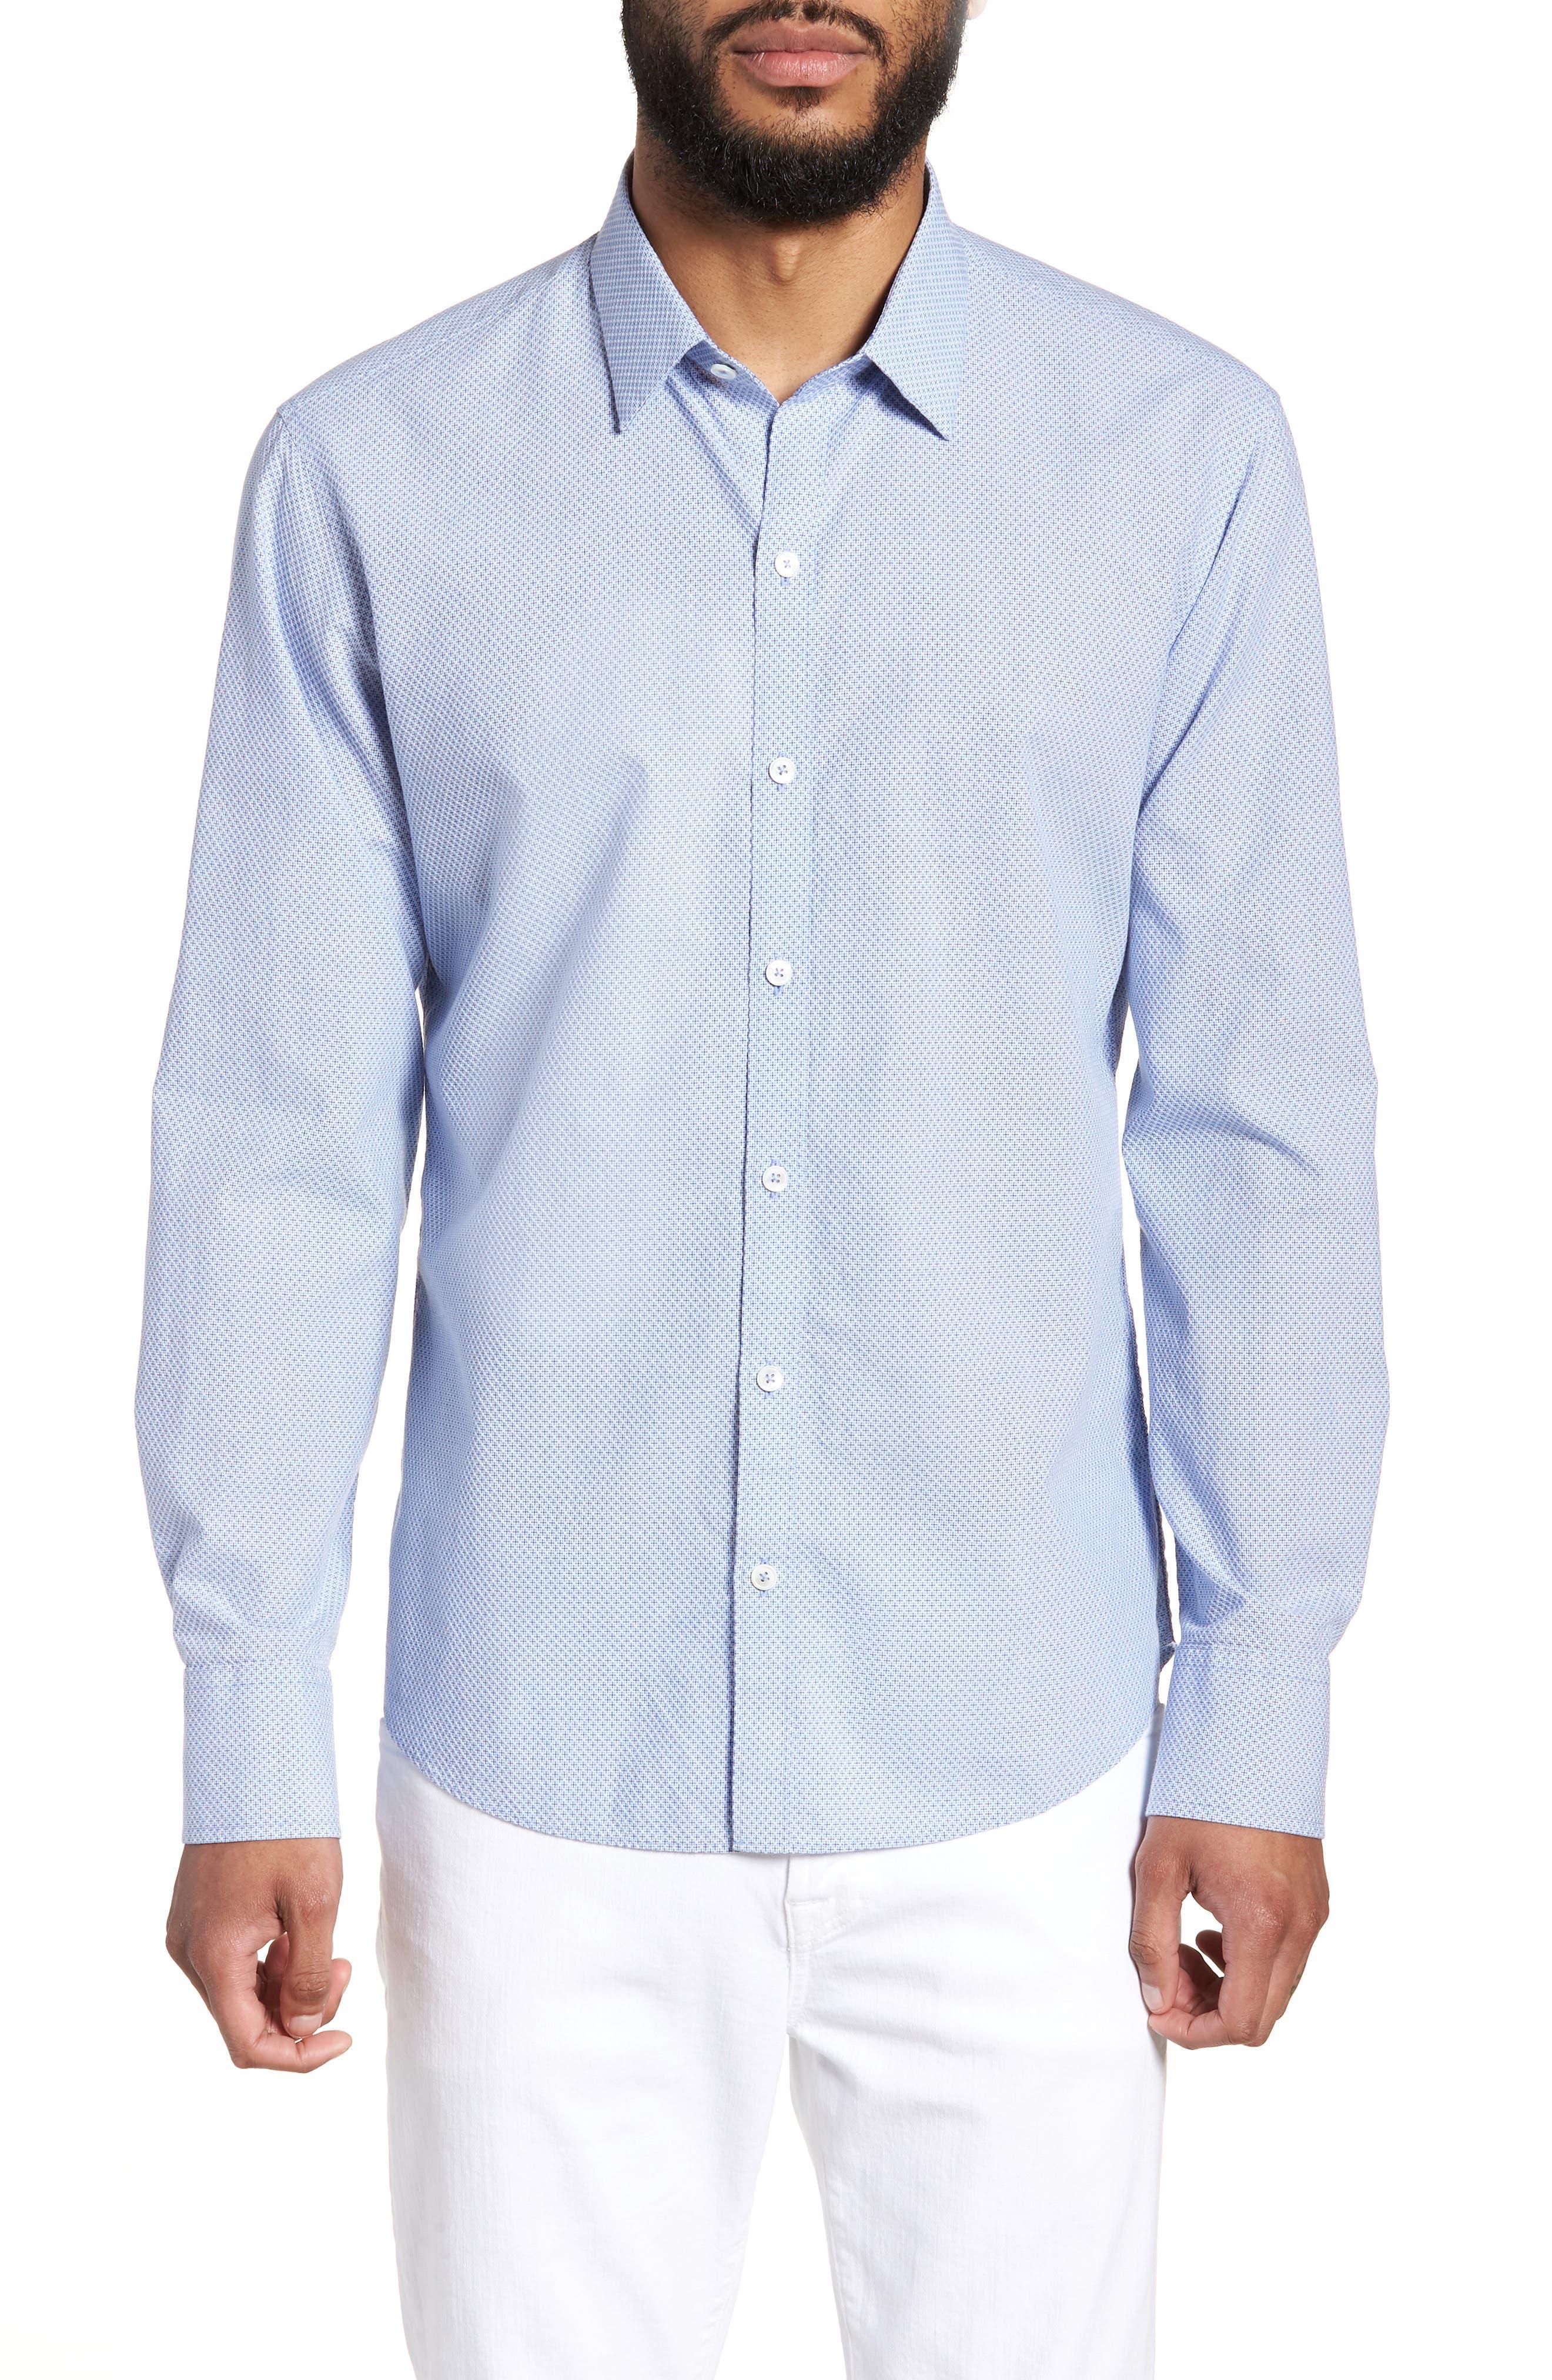 Jamba Regular Fit Sport Shirt,                         Main,                         color, 400